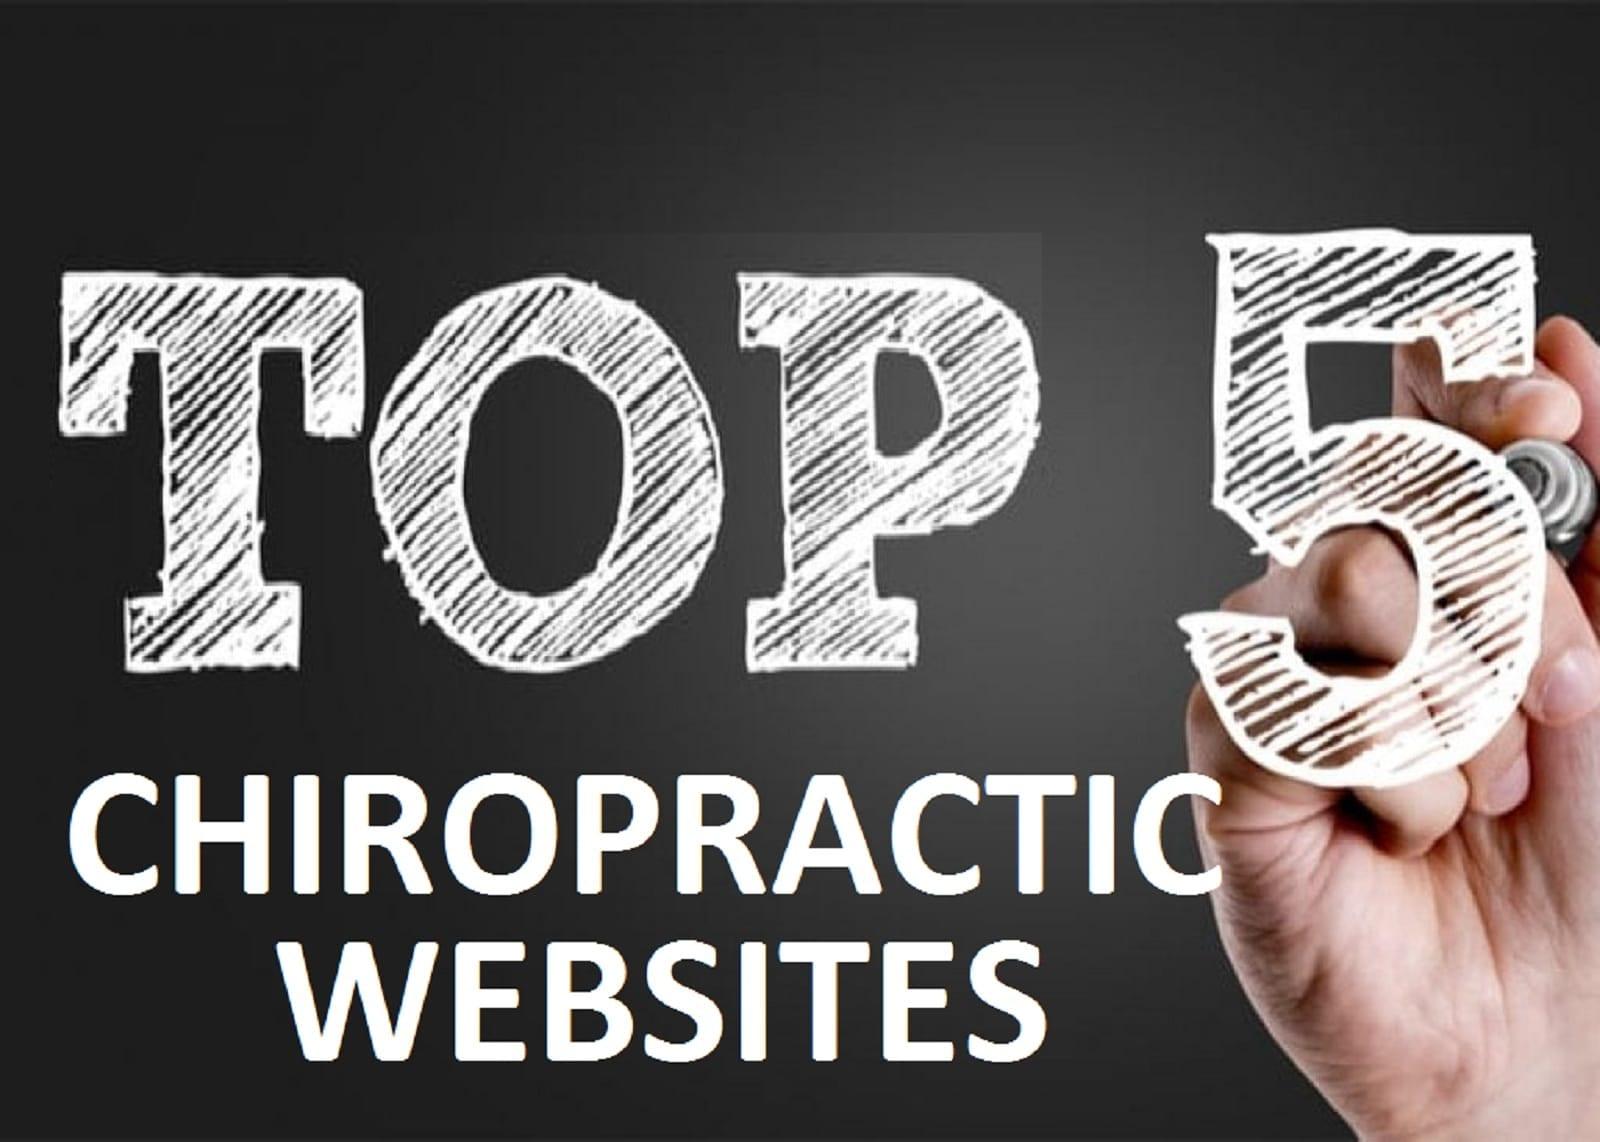 Top 5 Chiropractic Websites